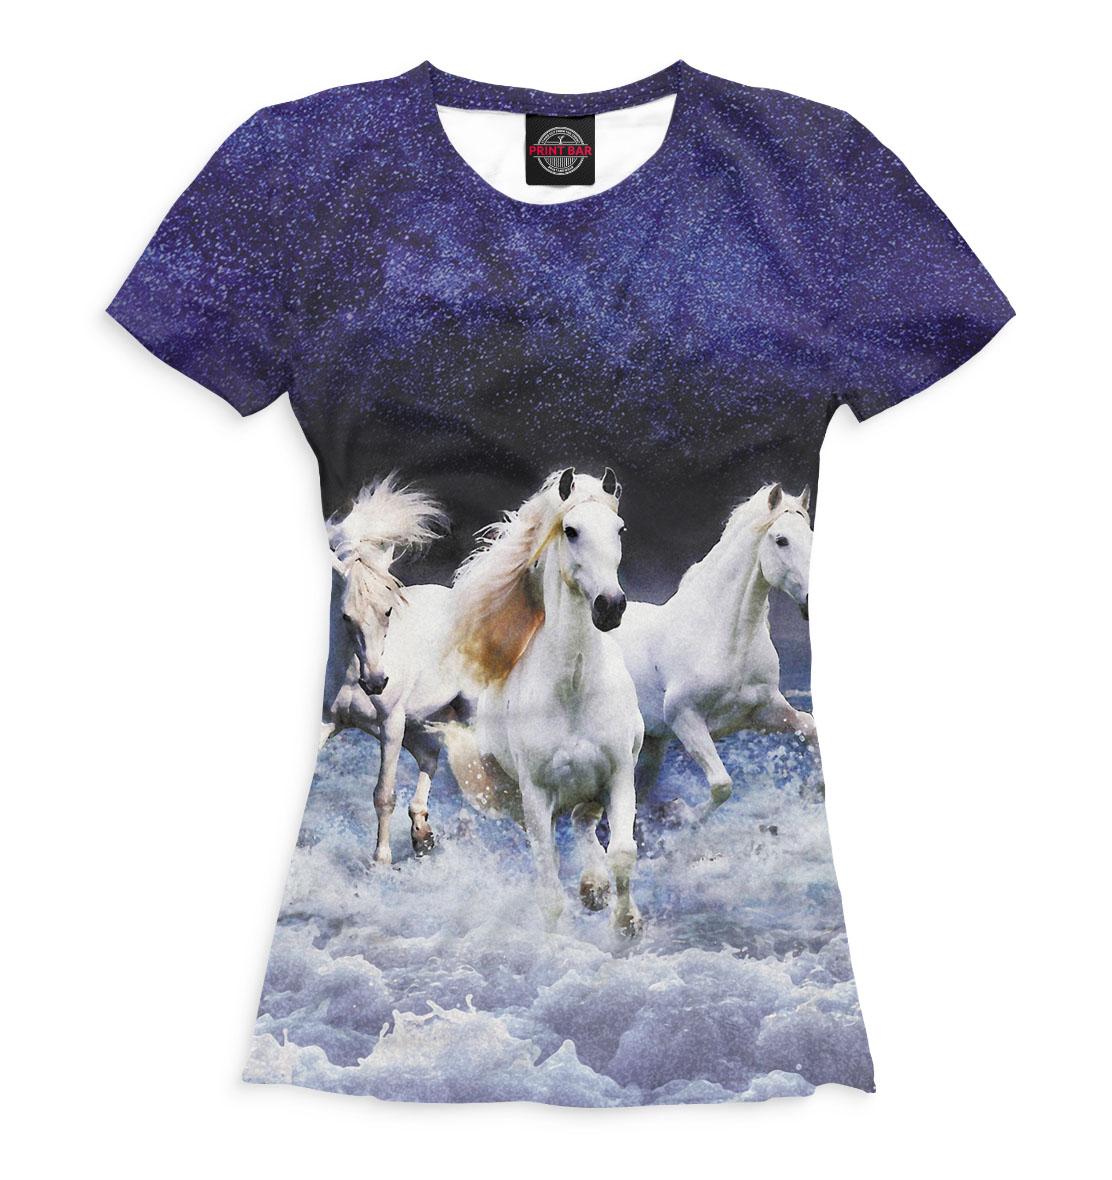 картинки футболка с лошадьми другой стороны, популярность